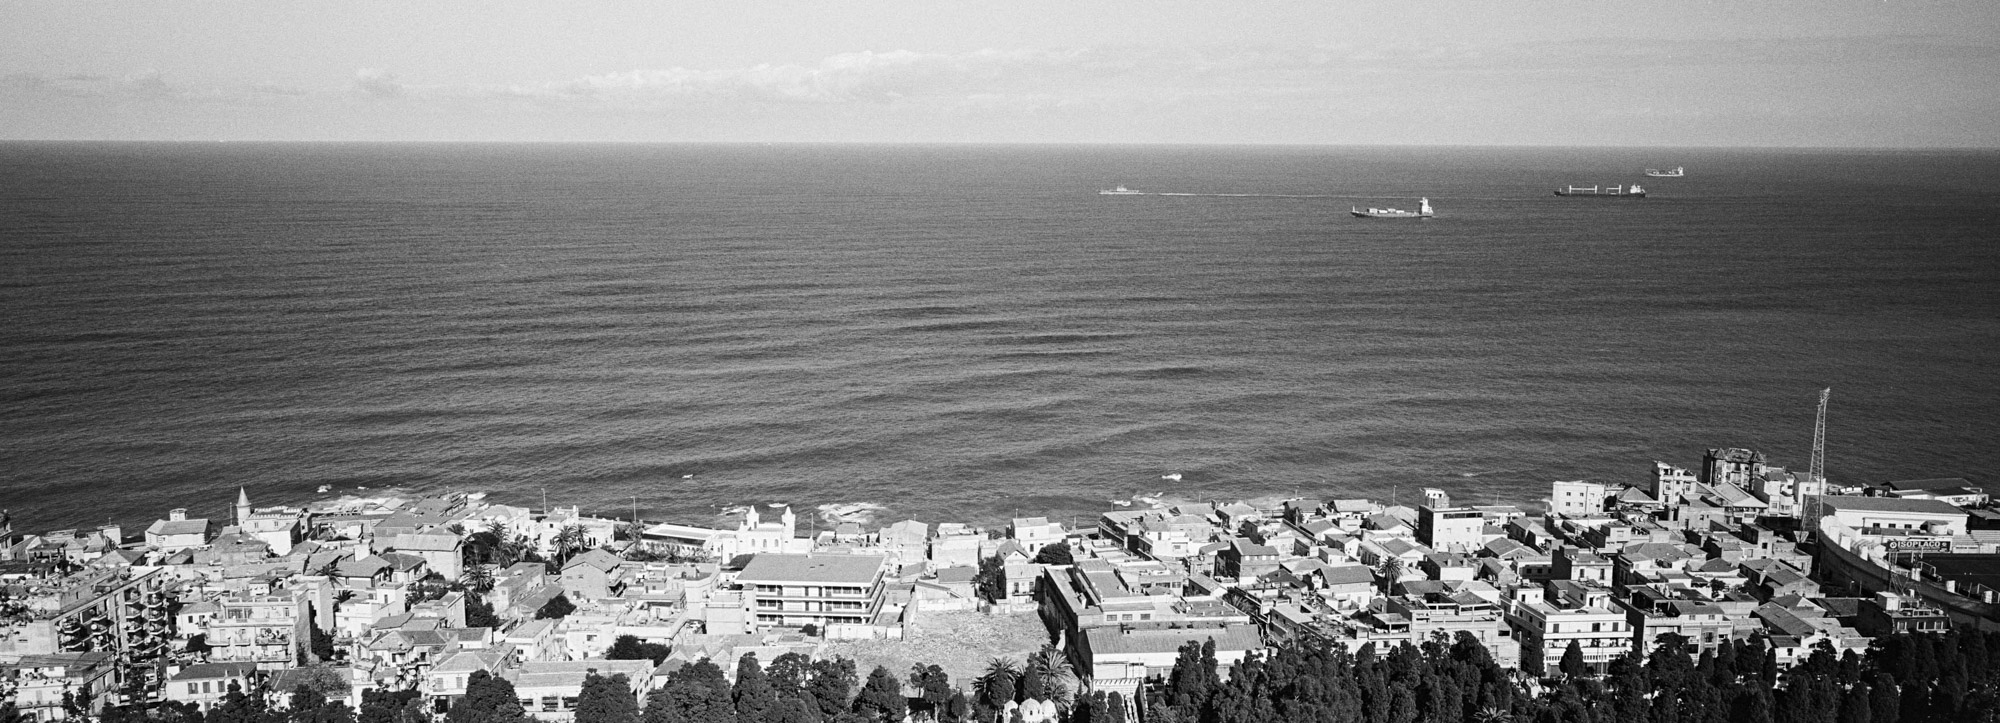 Vue depuis l'esplanade de la basilique Notre Dame d'Afrique sur les hauteurs d'Alger. 17/02/2016, Alger-ALGERIE.